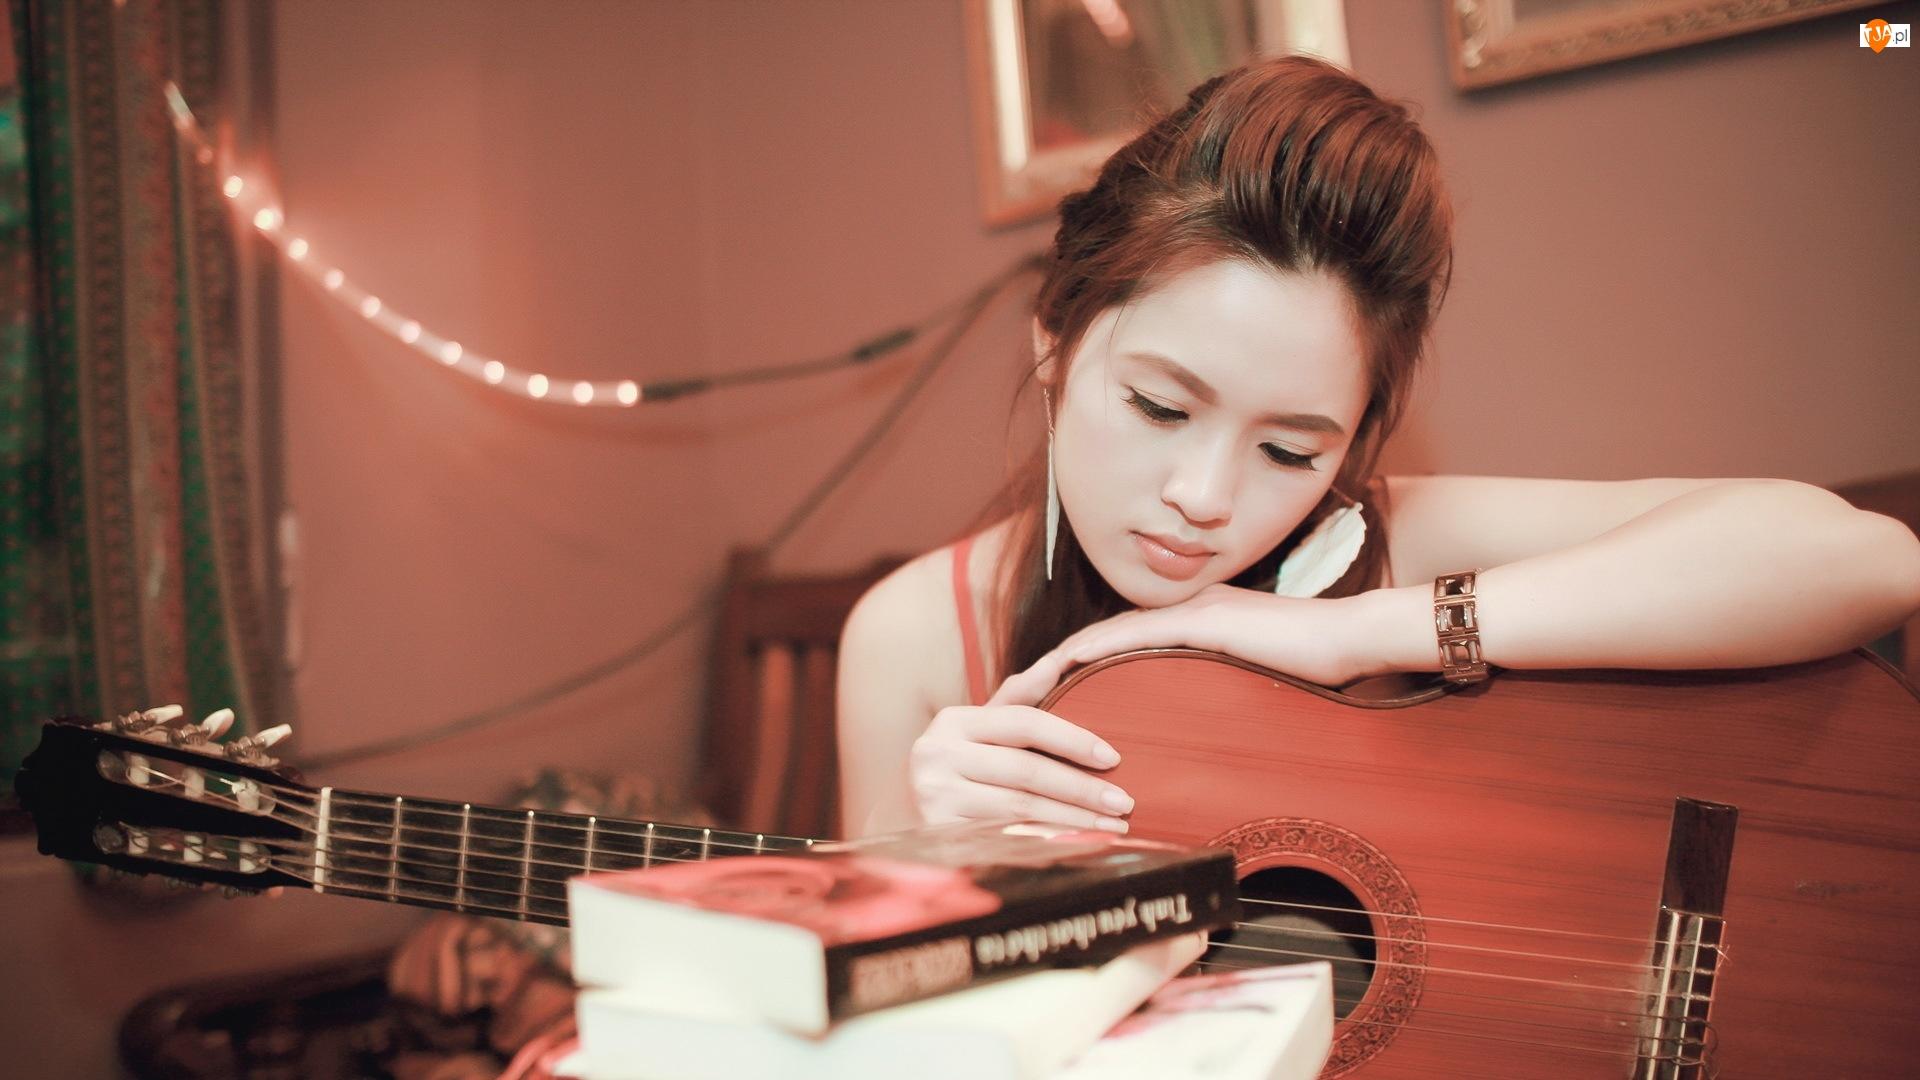 Zamyślona, Książki, Dziewczyna, Gitara